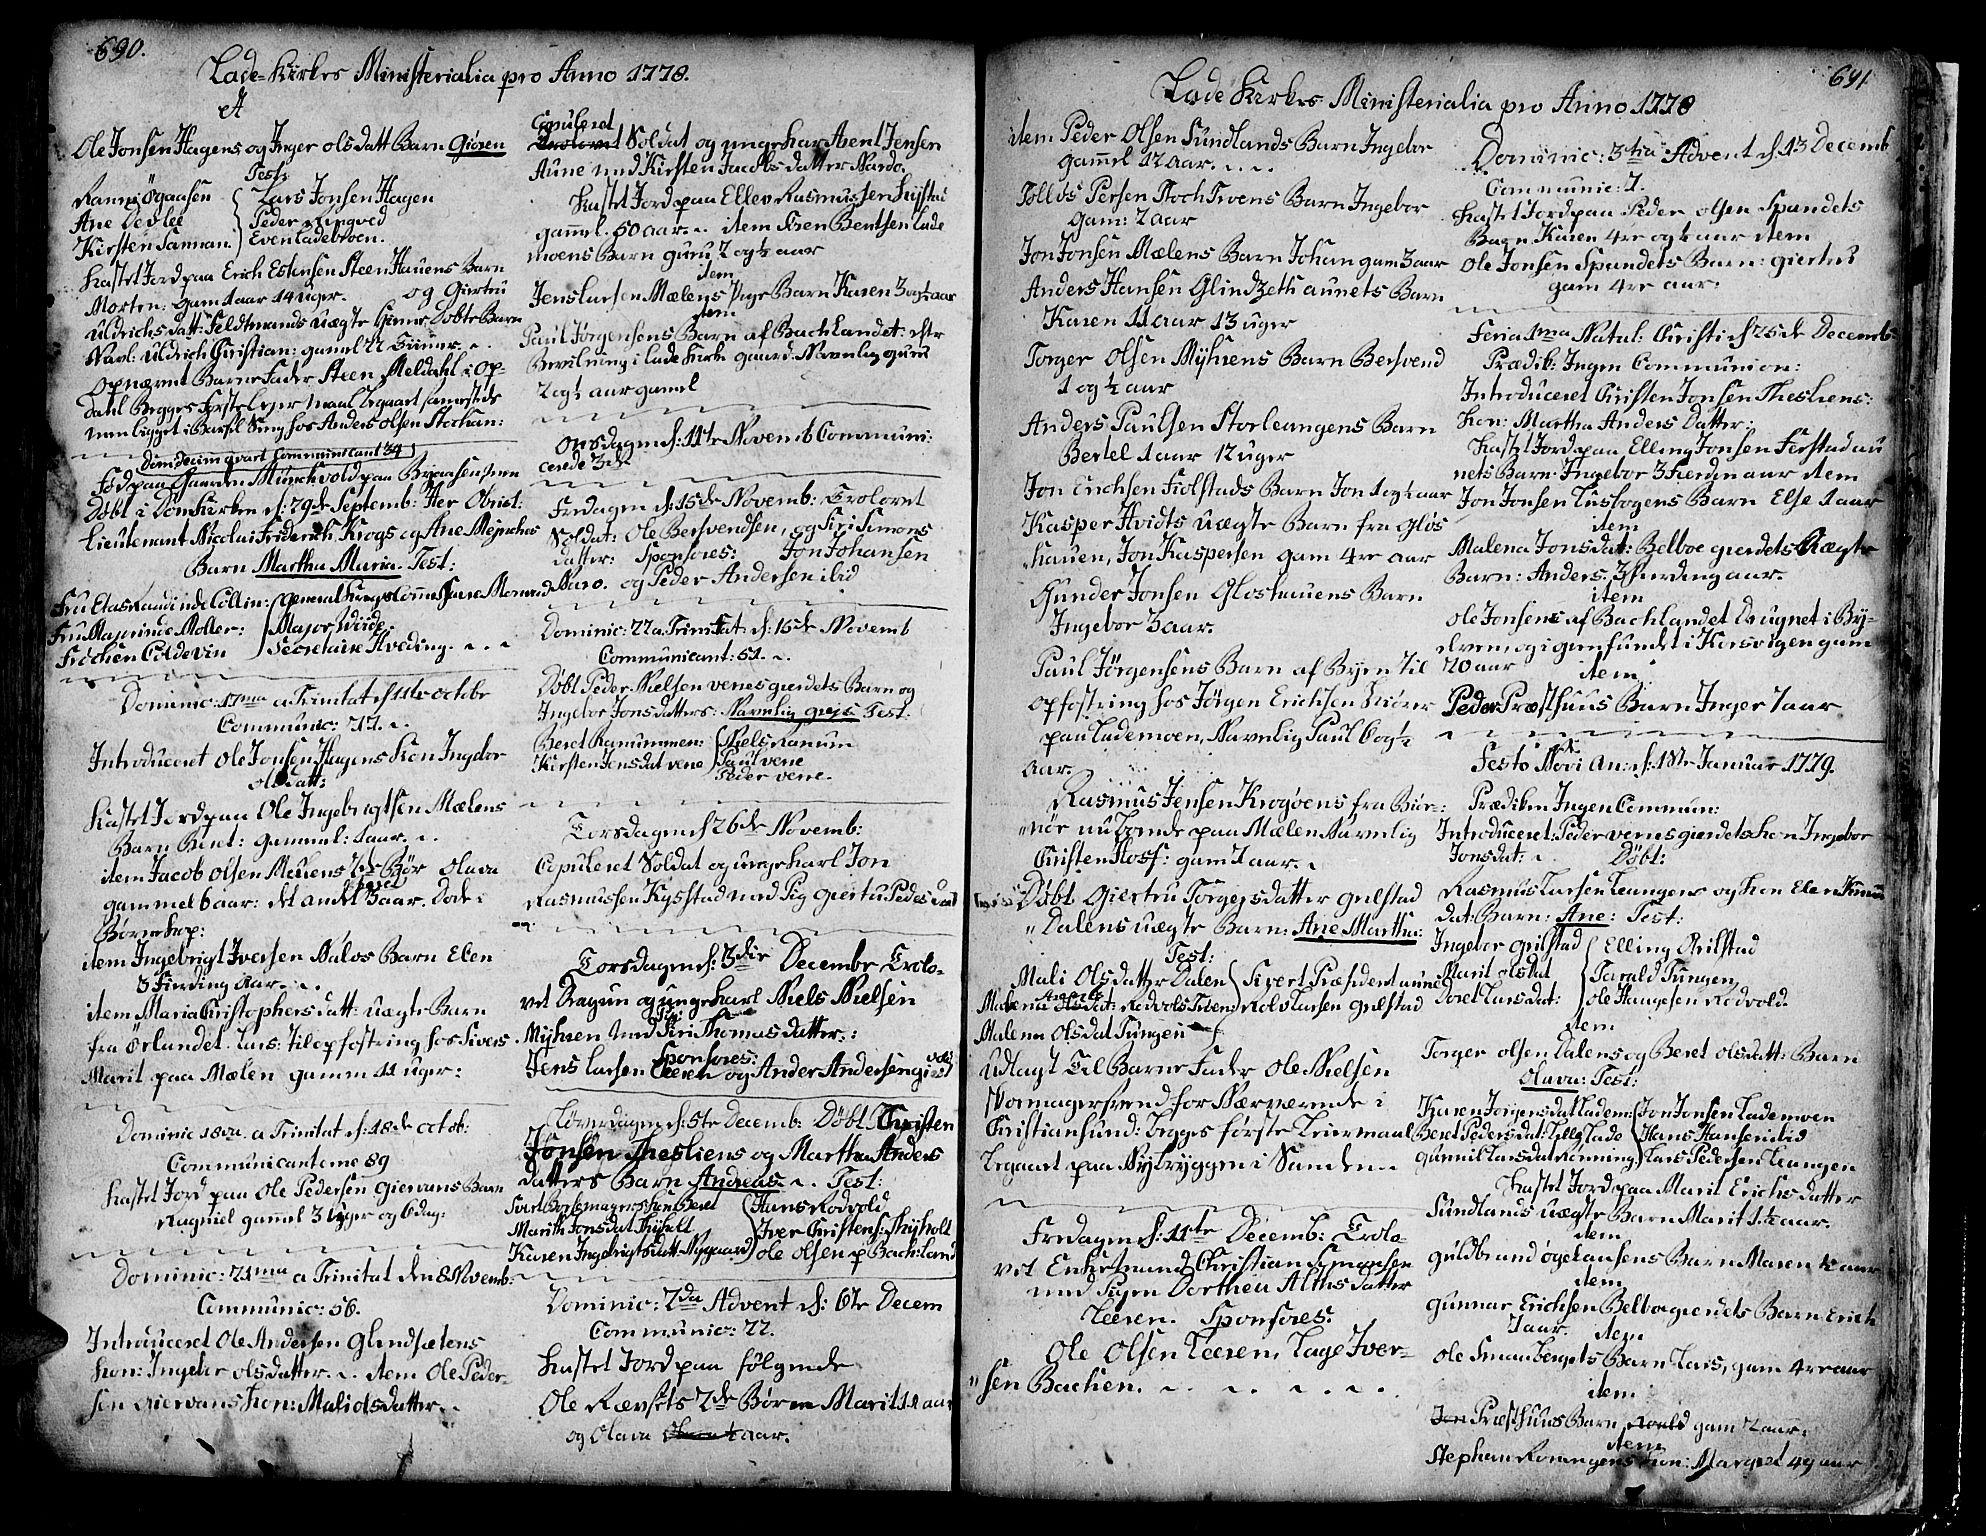 SAT, Ministerialprotokoller, klokkerbøker og fødselsregistre - Sør-Trøndelag, 606/L0275: Ministerialbok nr. 606A01 /1, 1727-1780, s. 690-691